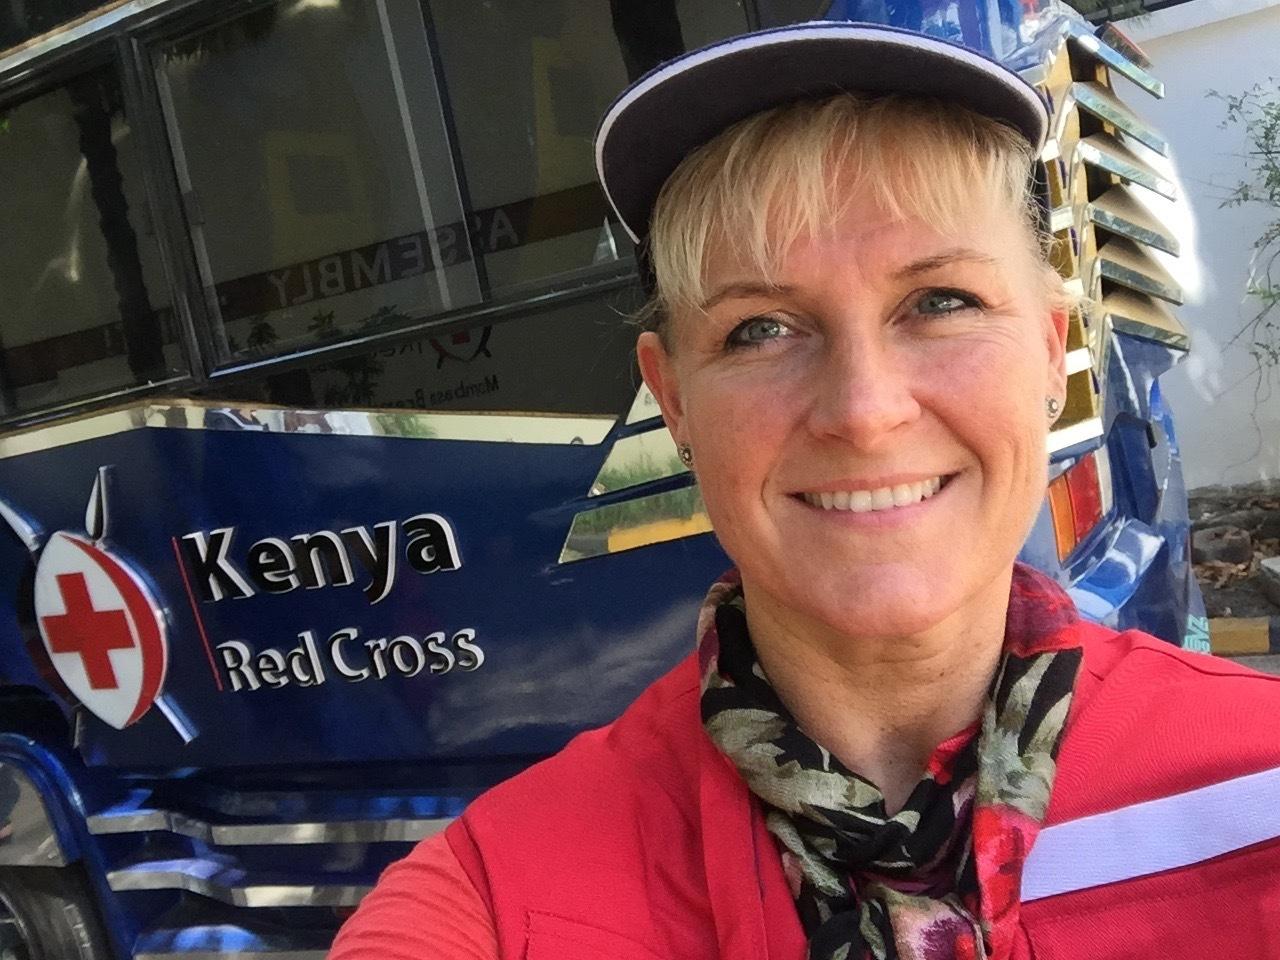 Birgitte Wilsted Simonsen er lige hjemvendt fra Kenya, som hun har besøgt med Røde Kors. Privatfoto